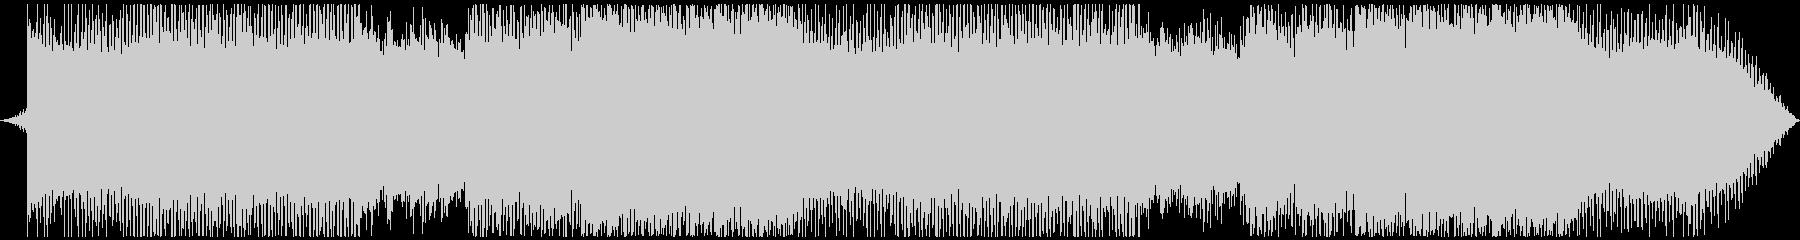 EDM盛り上がる曲・エモいメロディの未再生の波形